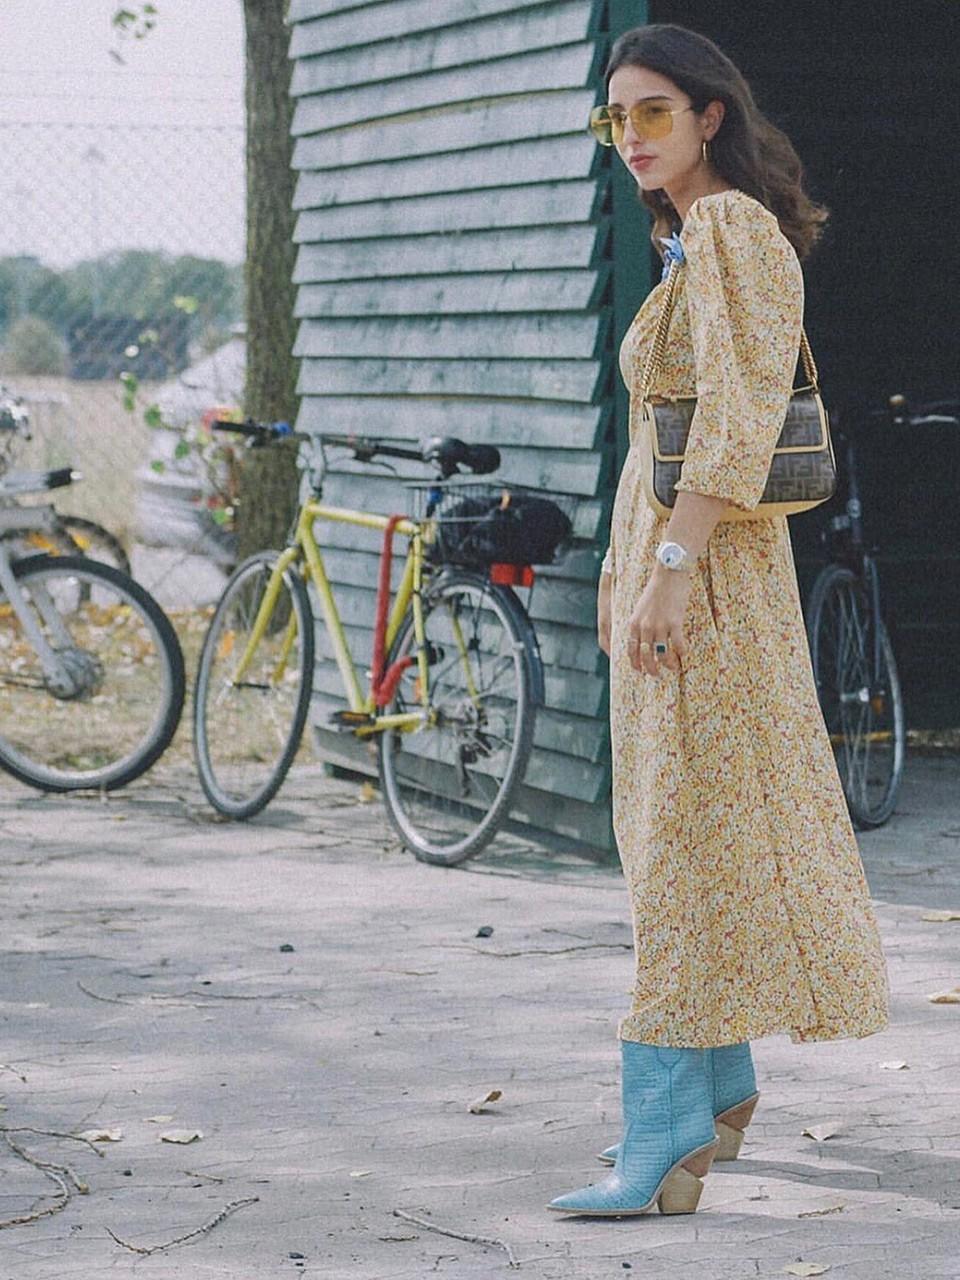 dress-boots-combos-9.jpg